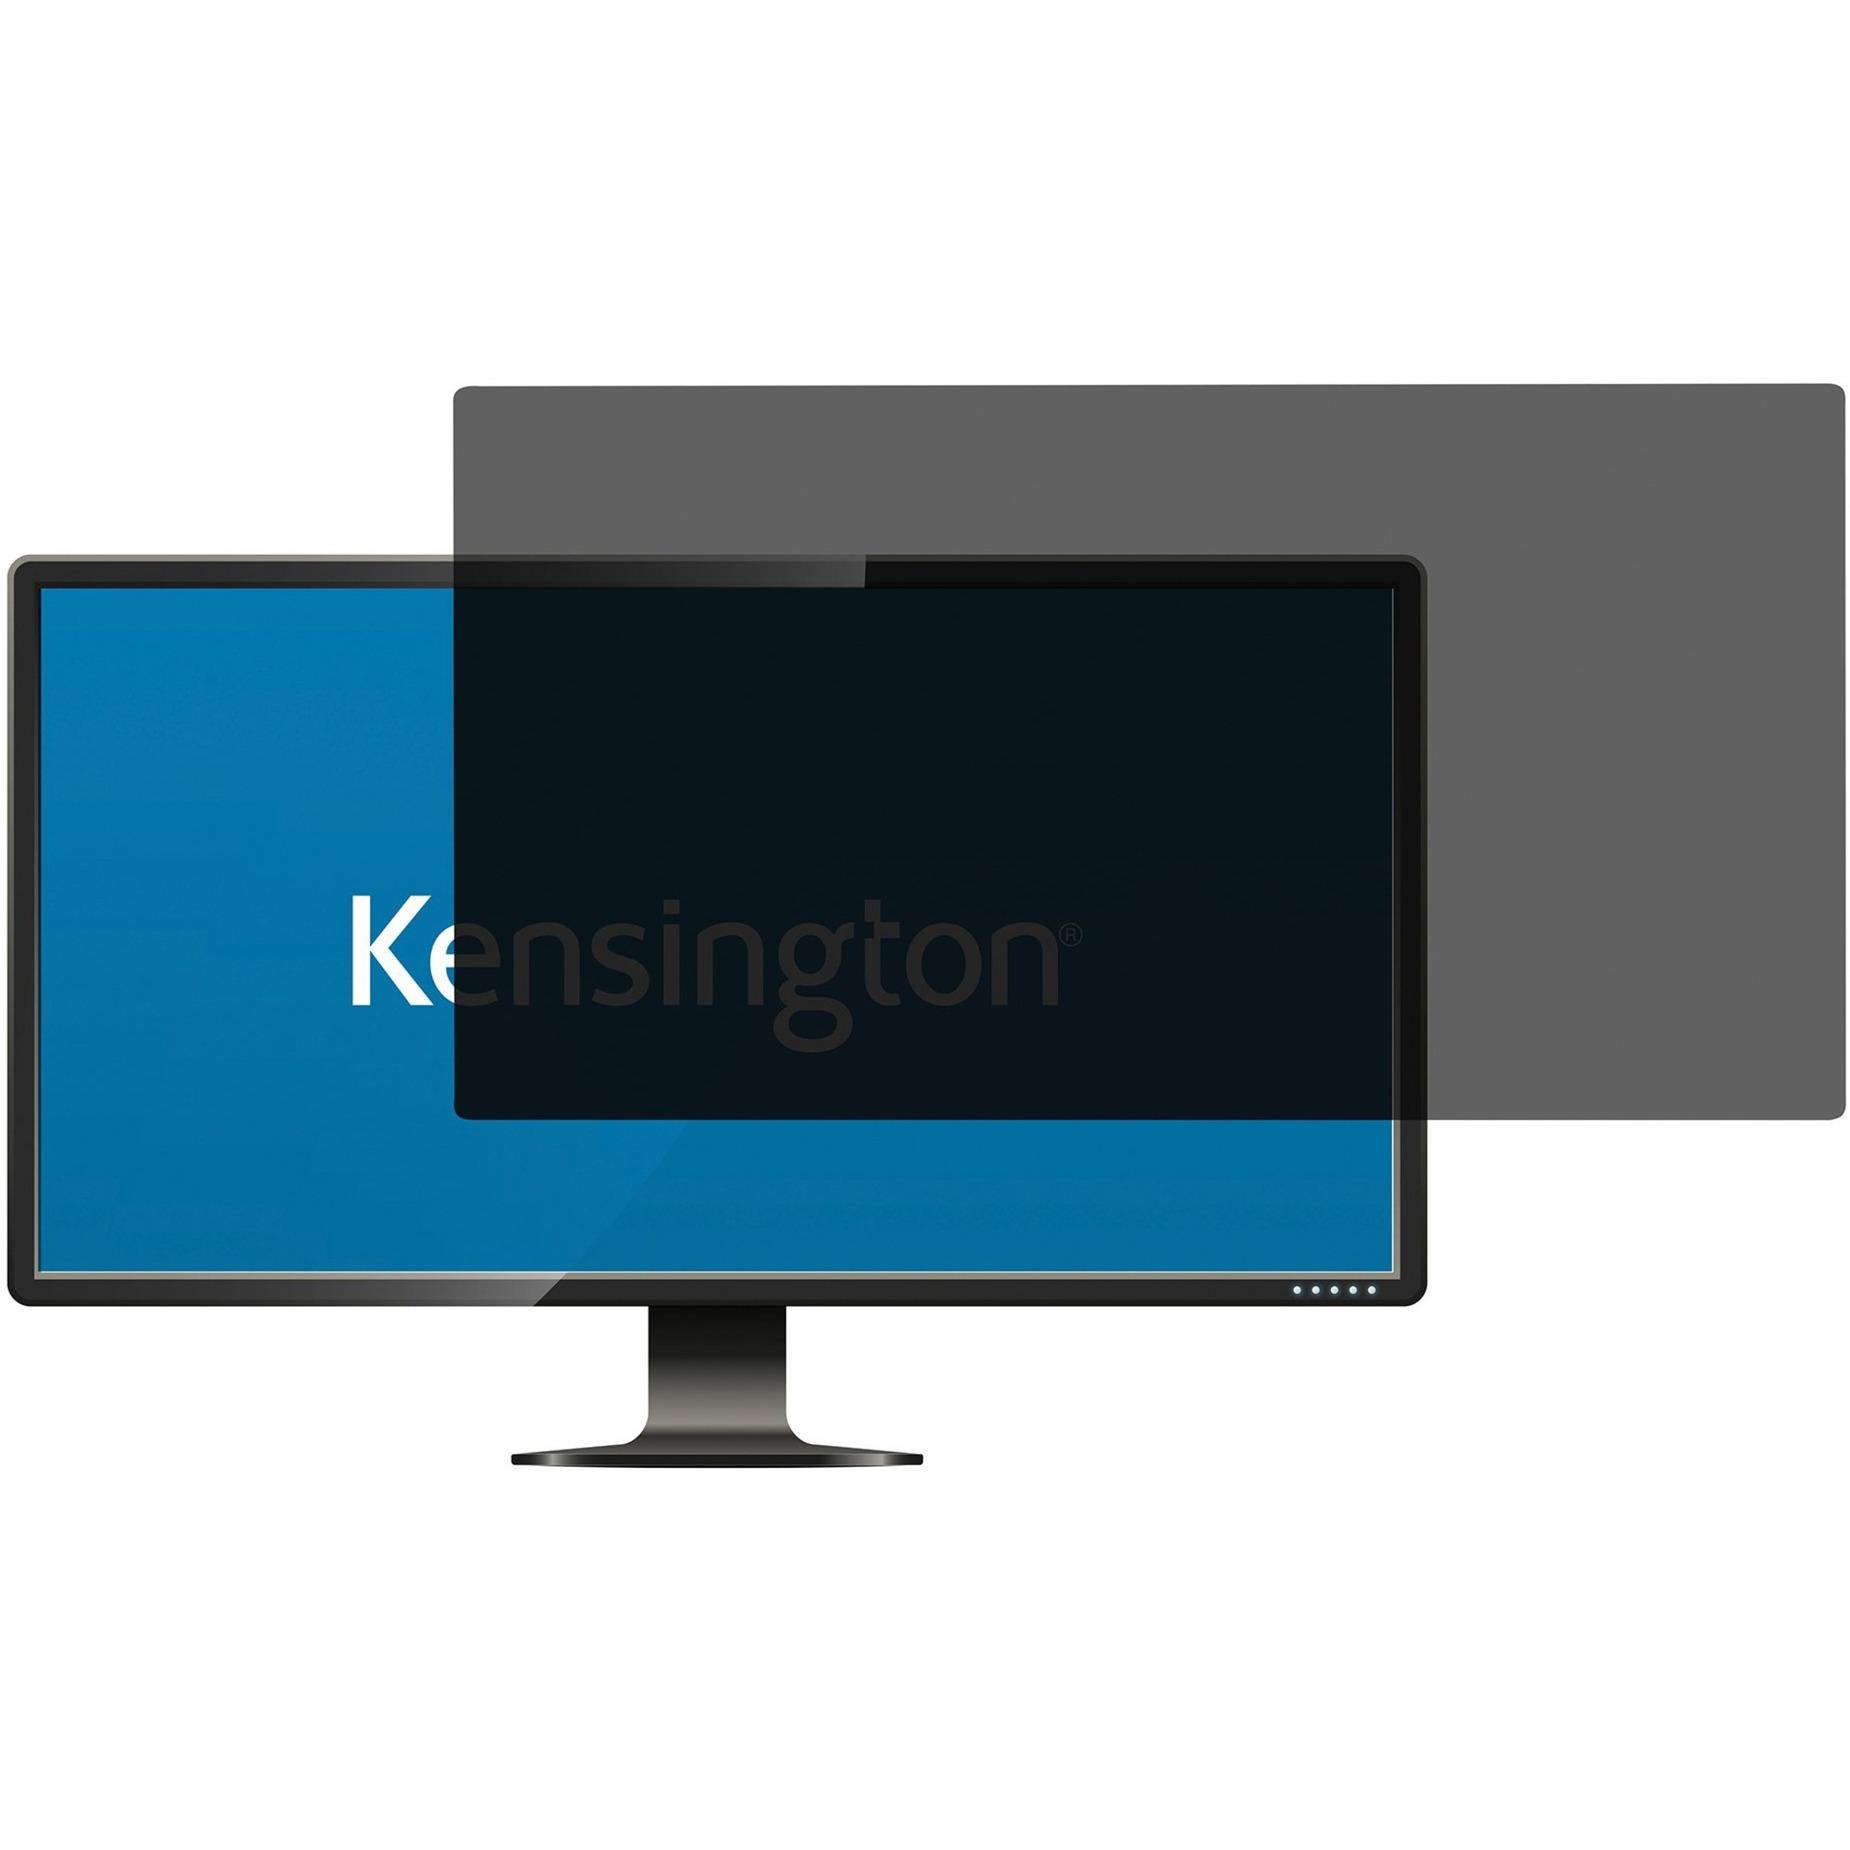 626483 filtro para monitor Filtro de privacidad para pantallas sin marco